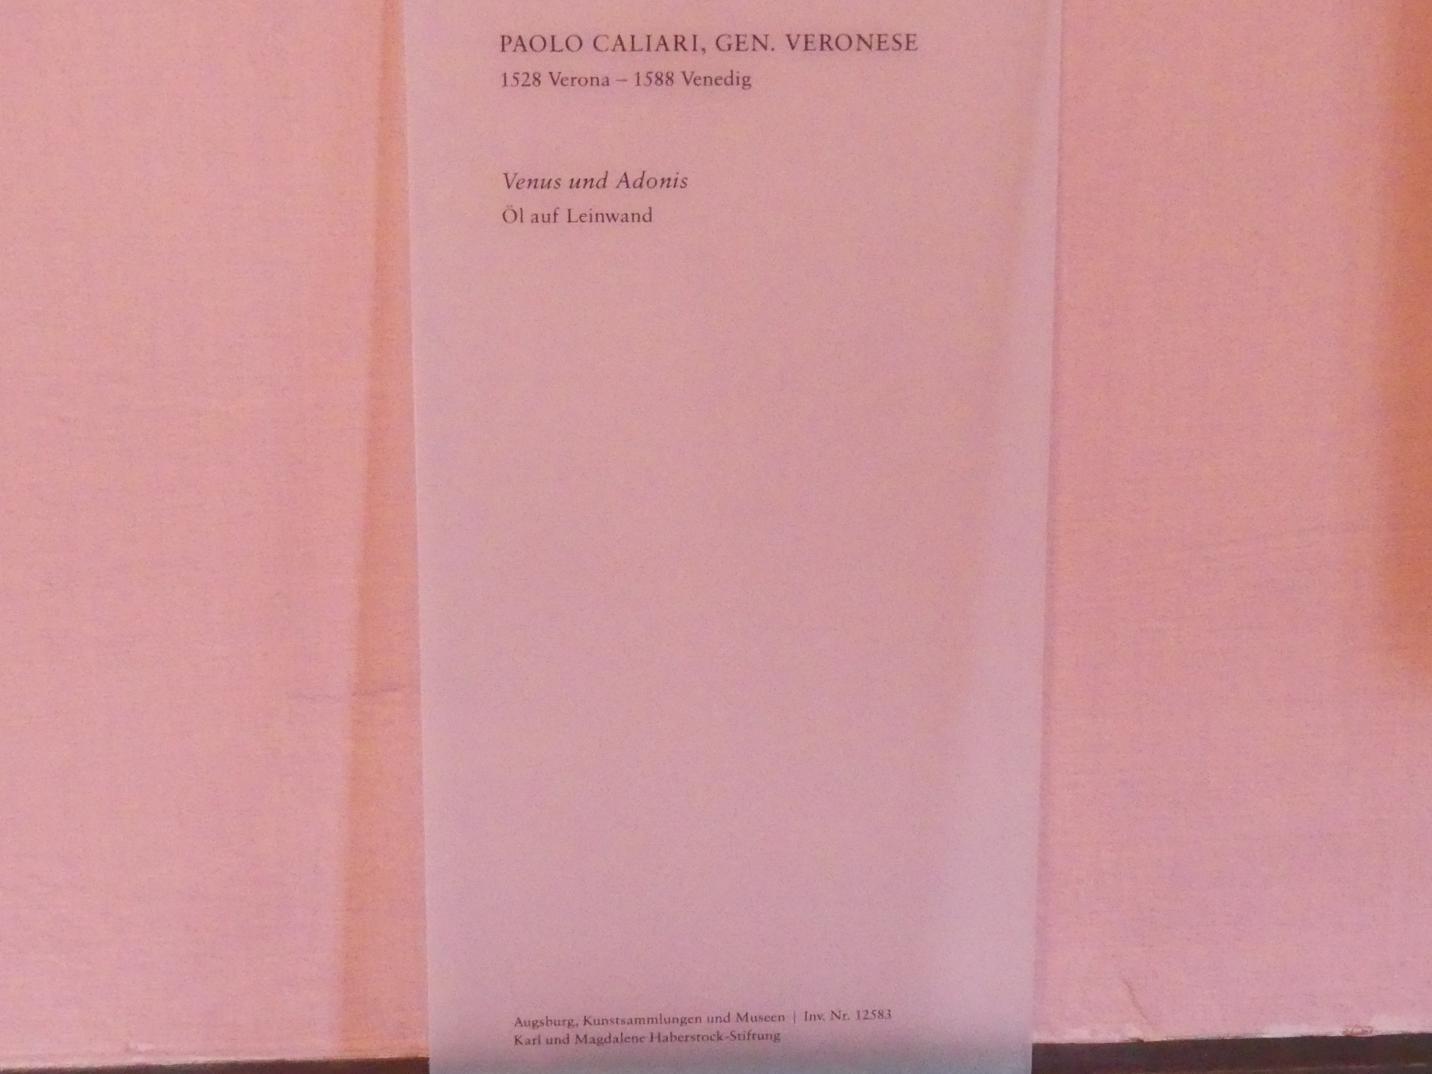 Paolo Caliari (Veronese): Venus und Adonis, Undatiert, Bild 2/2